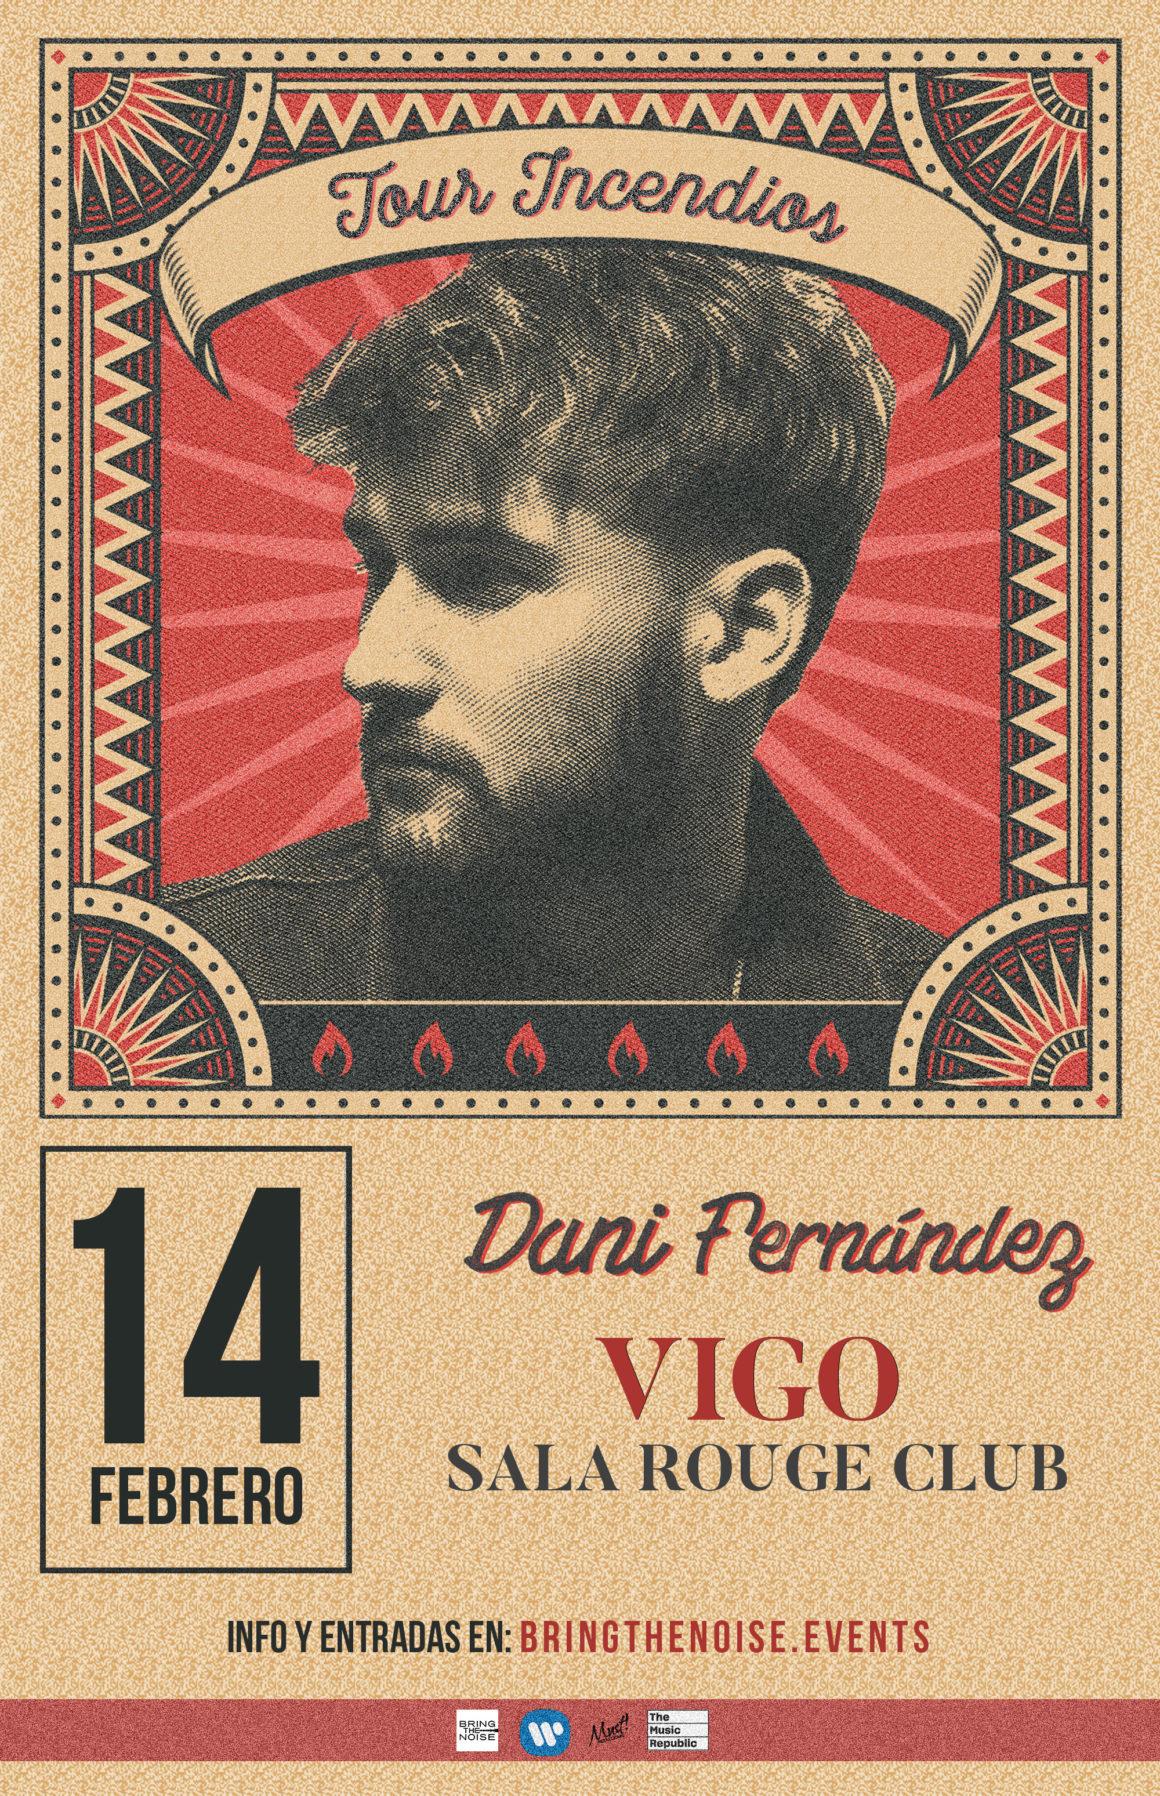 Dani Fernández actuará en Vigo en febrero en su tour «Incendios»